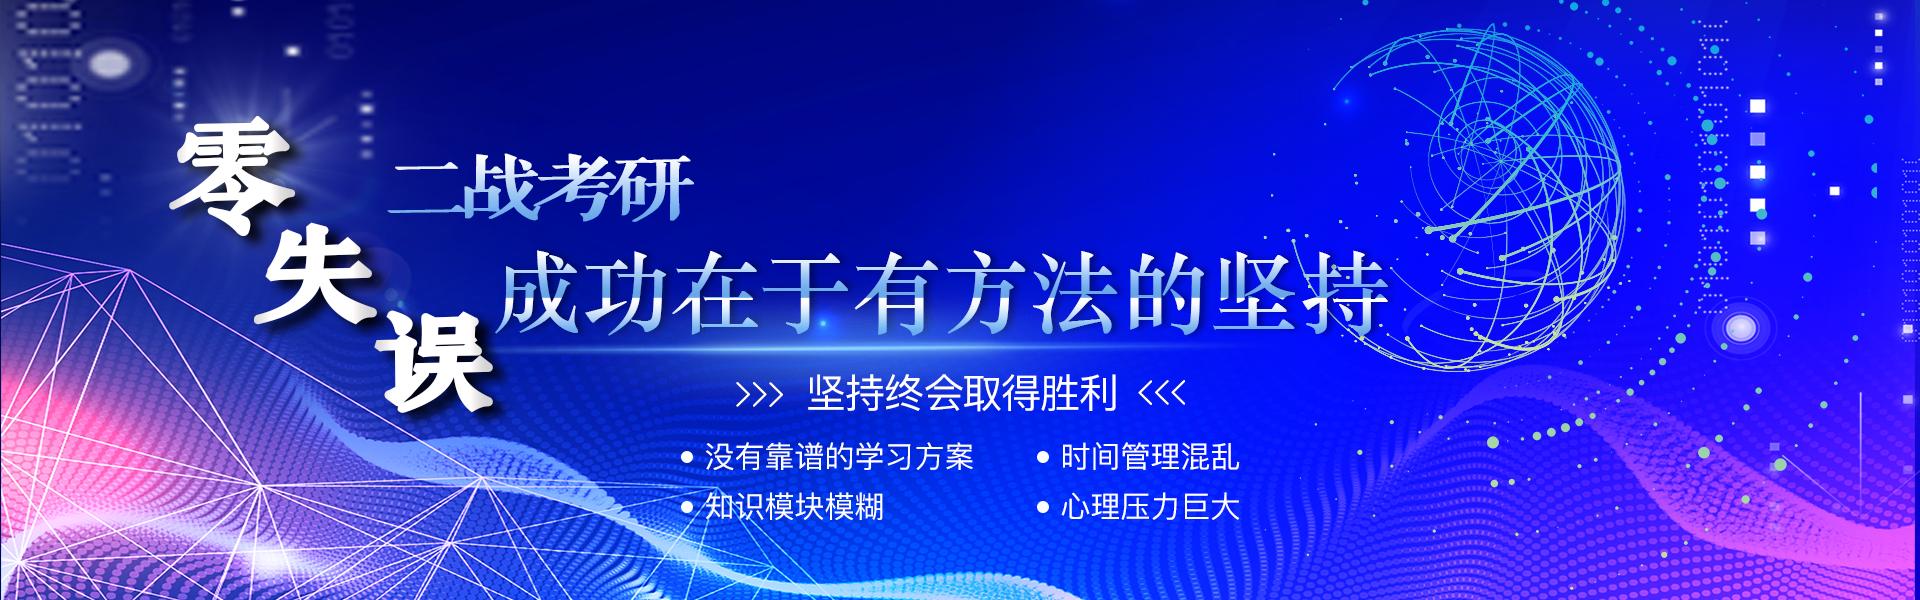 南京大学考研提供南京大学考研真题资料